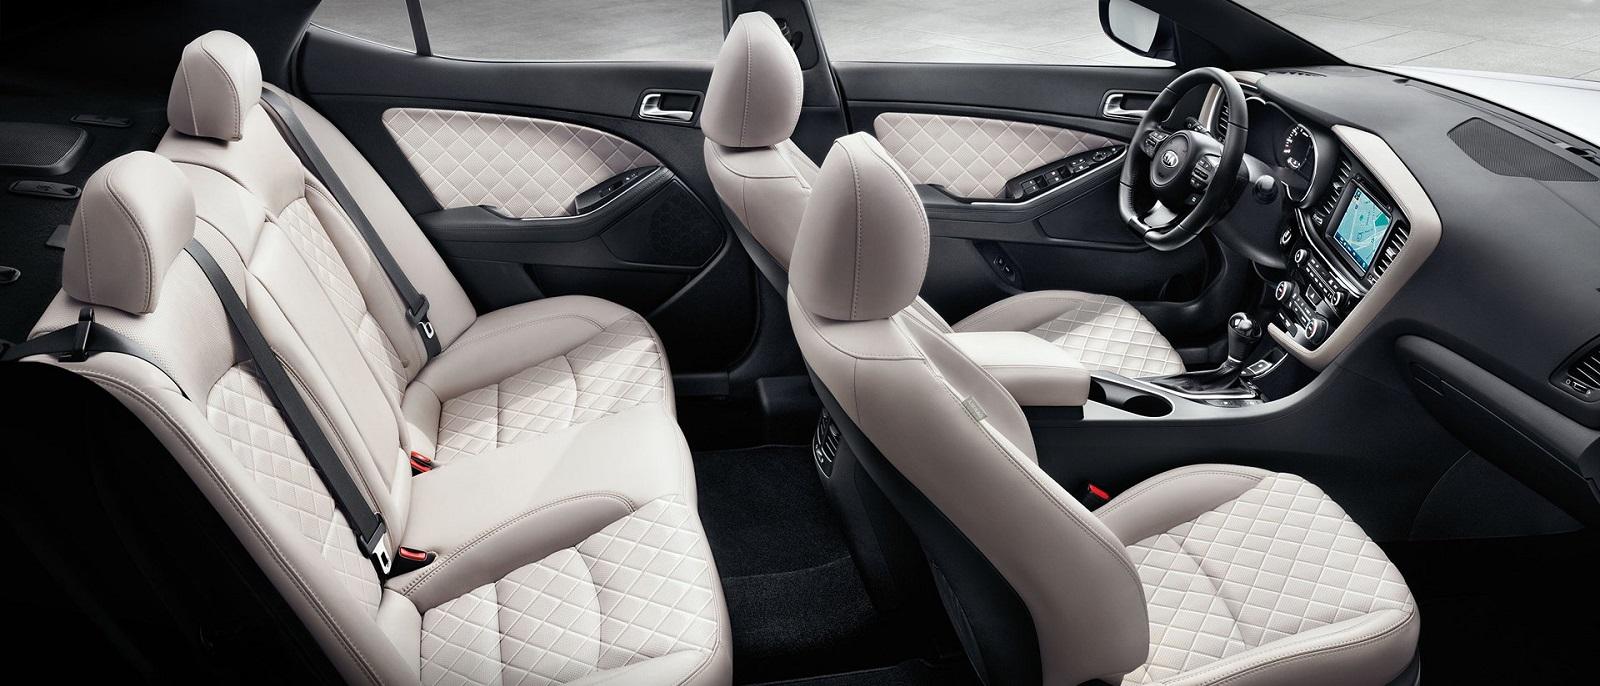 Kia Optima Sxl Interior